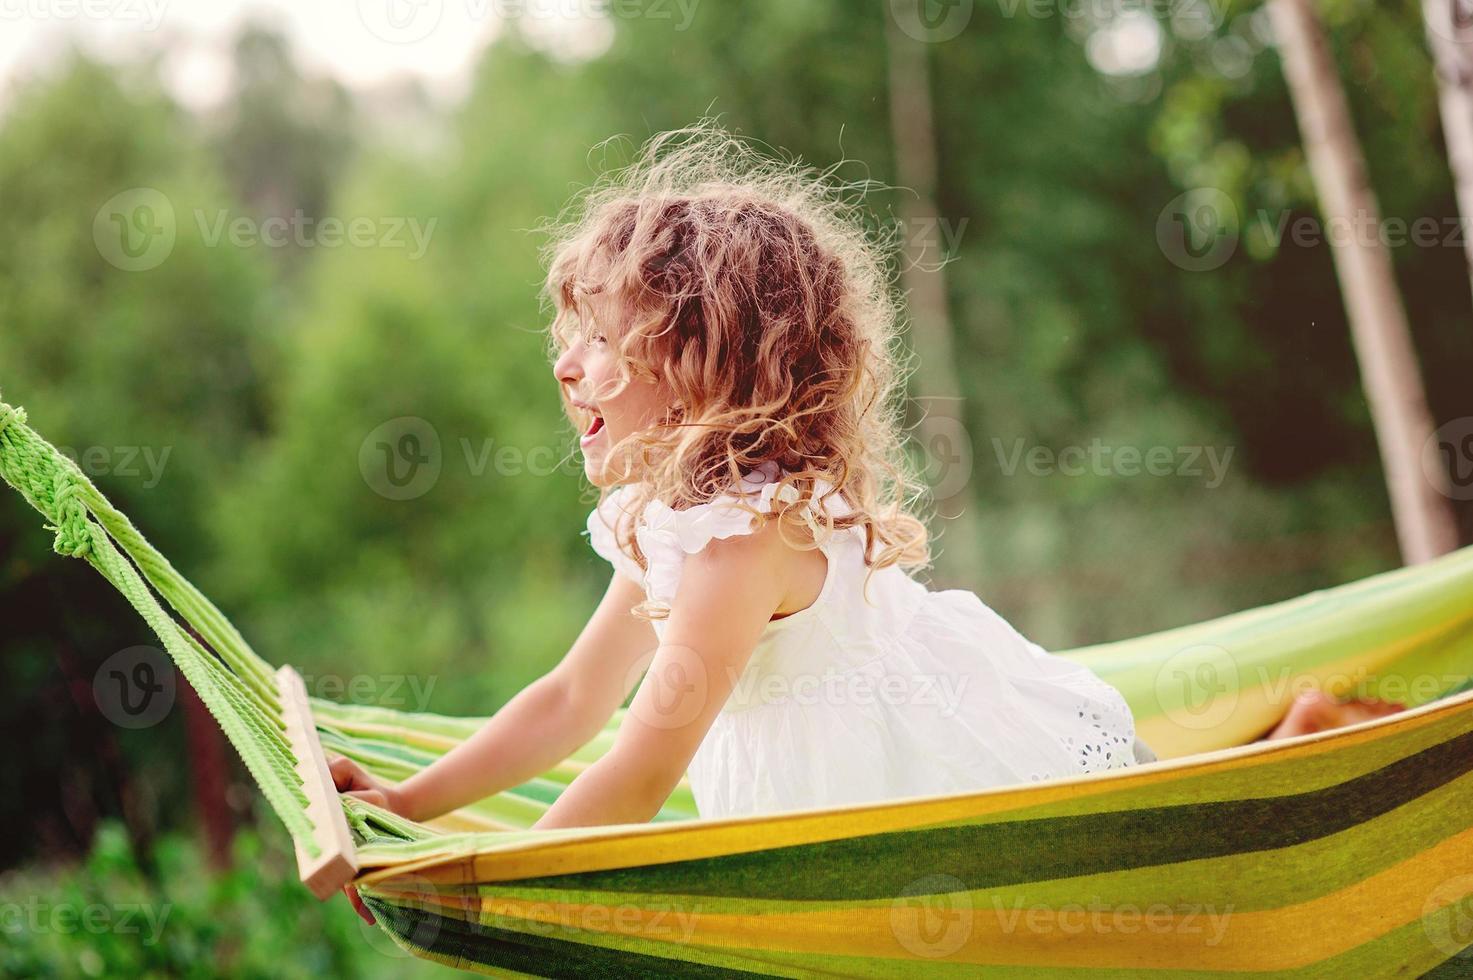 ragazza felice del bambino che si distende in amaca nel giardino estivo foto